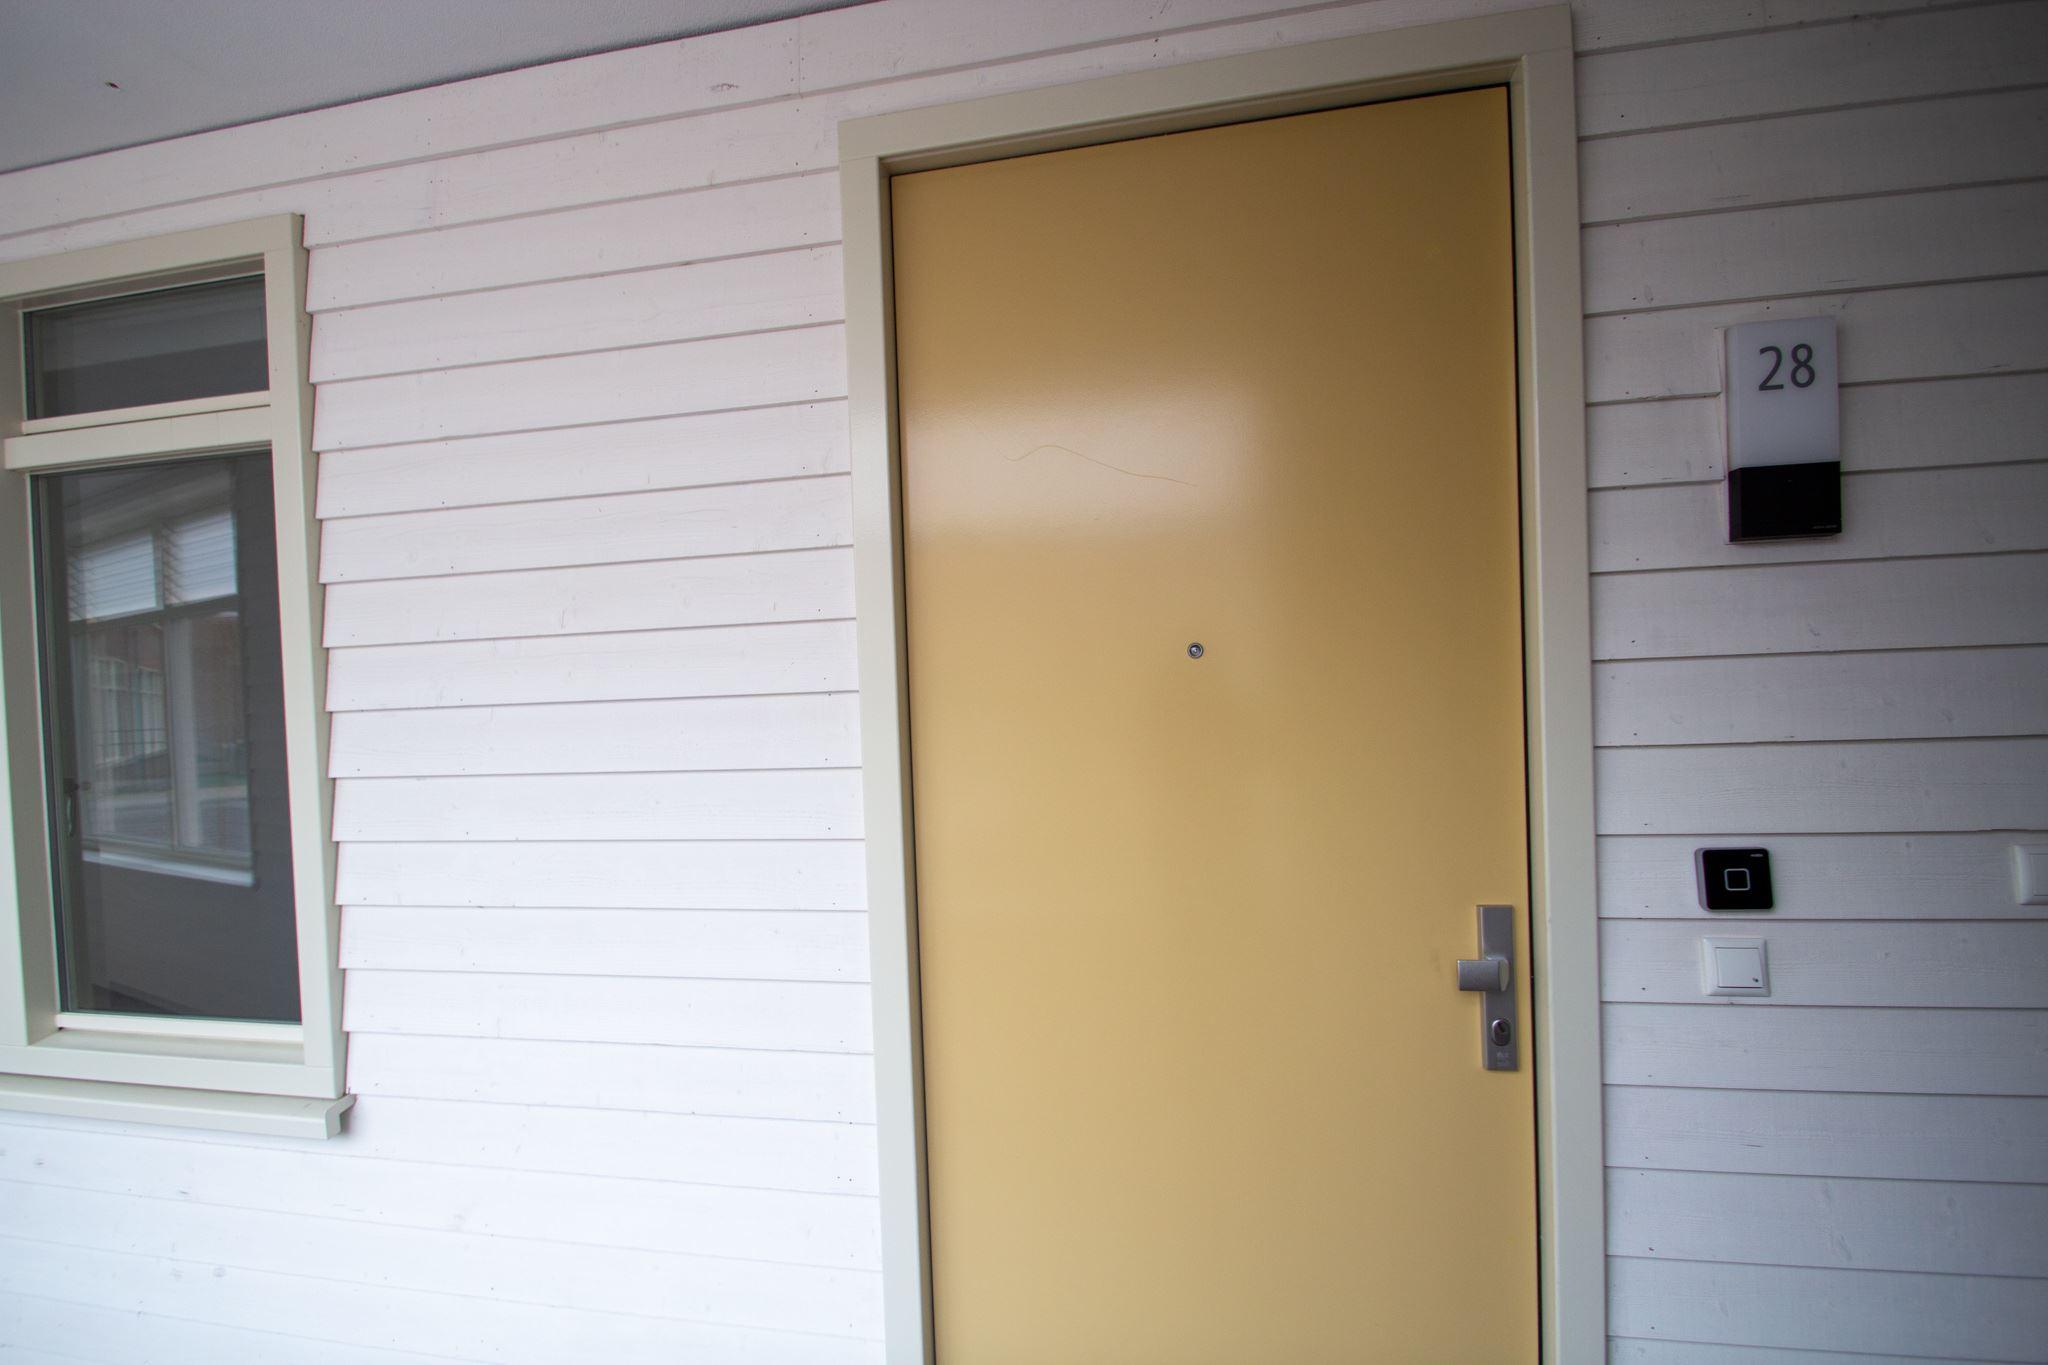 Veilingmeesterhof-28-wonen-in-calla-huren